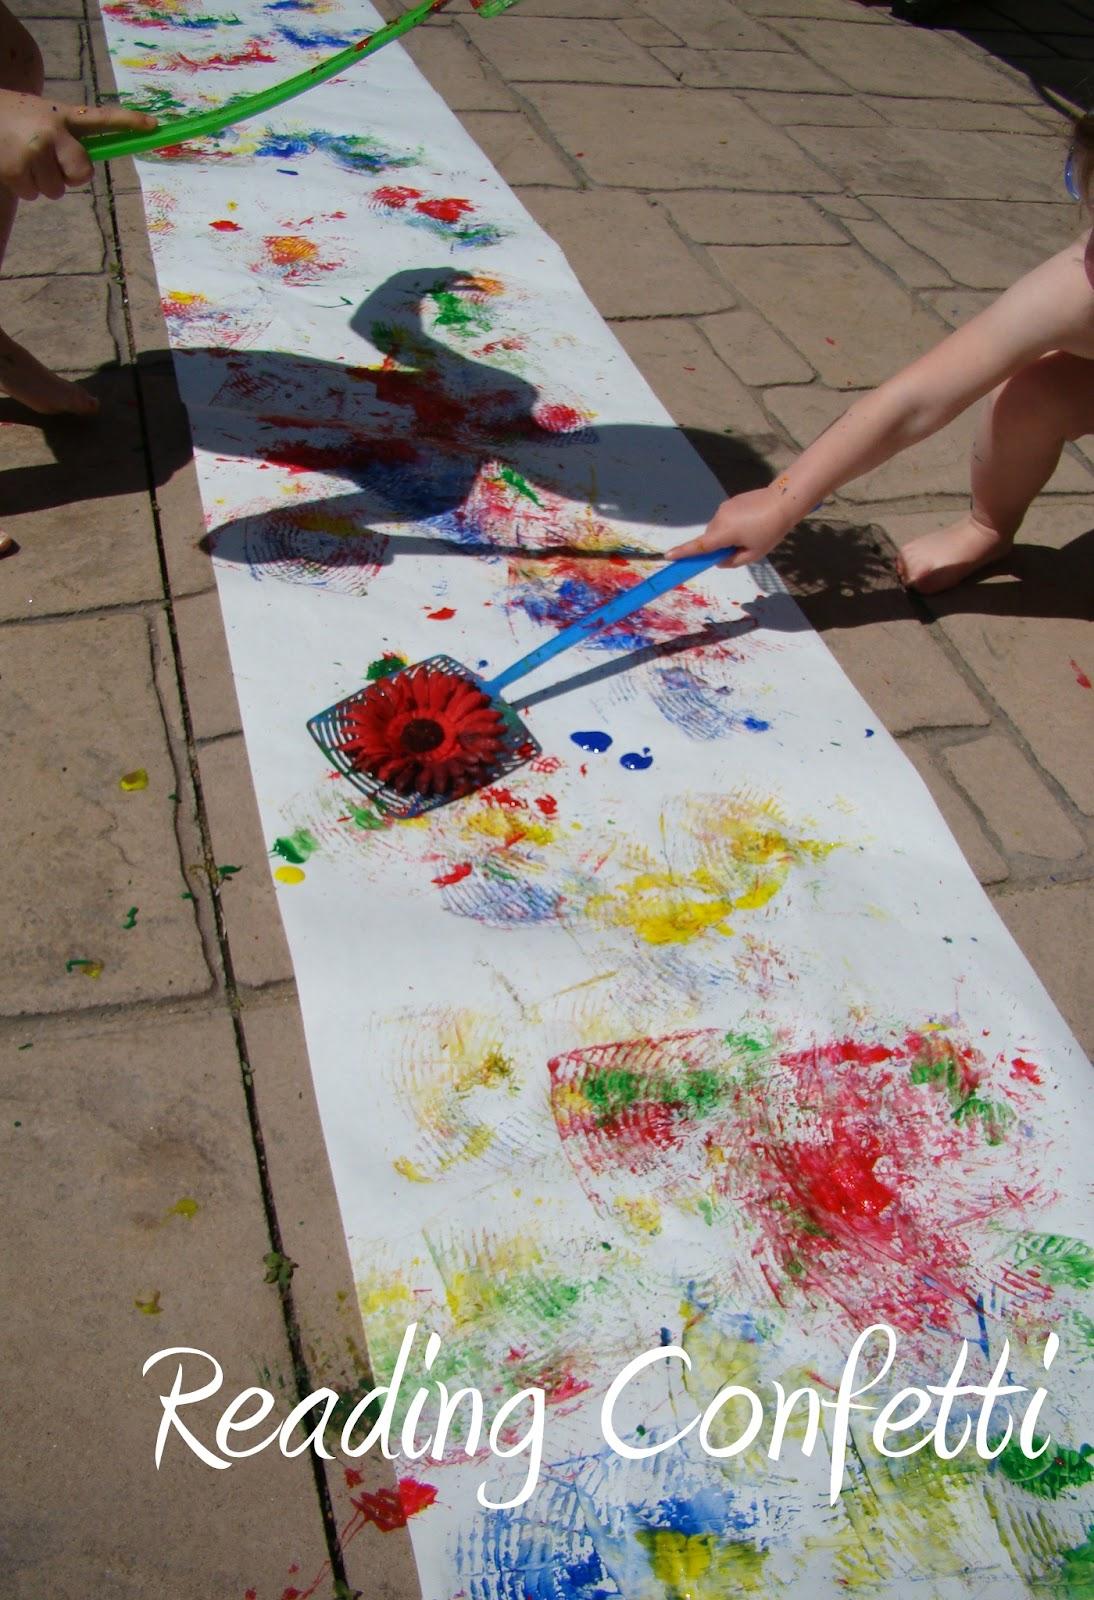 http://2.bp.blogspot.com/-EXJHnxVqJpc/T43L-GV2zUI/AAAAAAAABqM/e-hrkediNuk/s1600/fly+swatter+painting+3.jpg